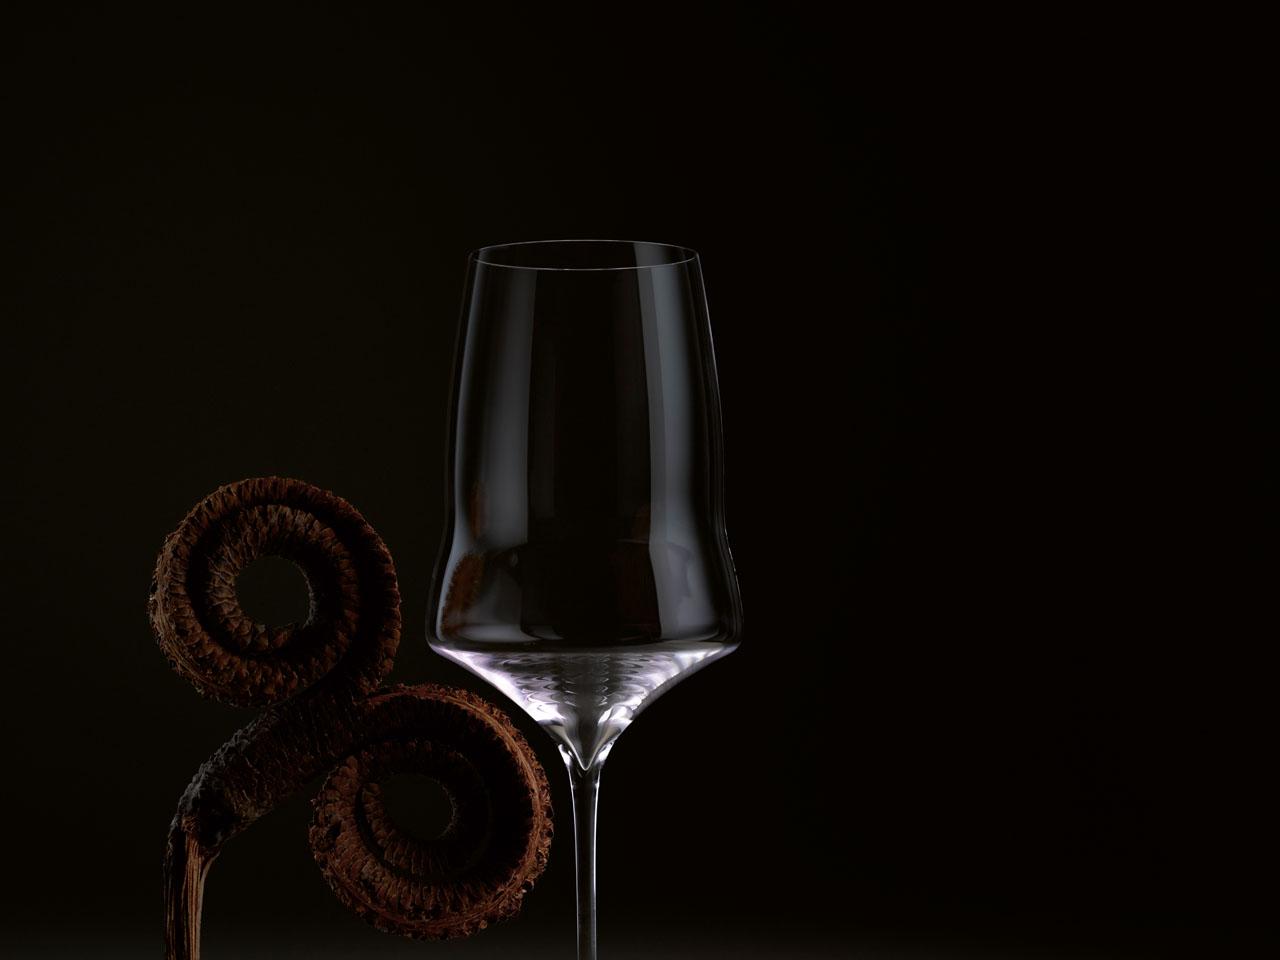 Josephinenhütte - Knick im Weinglas